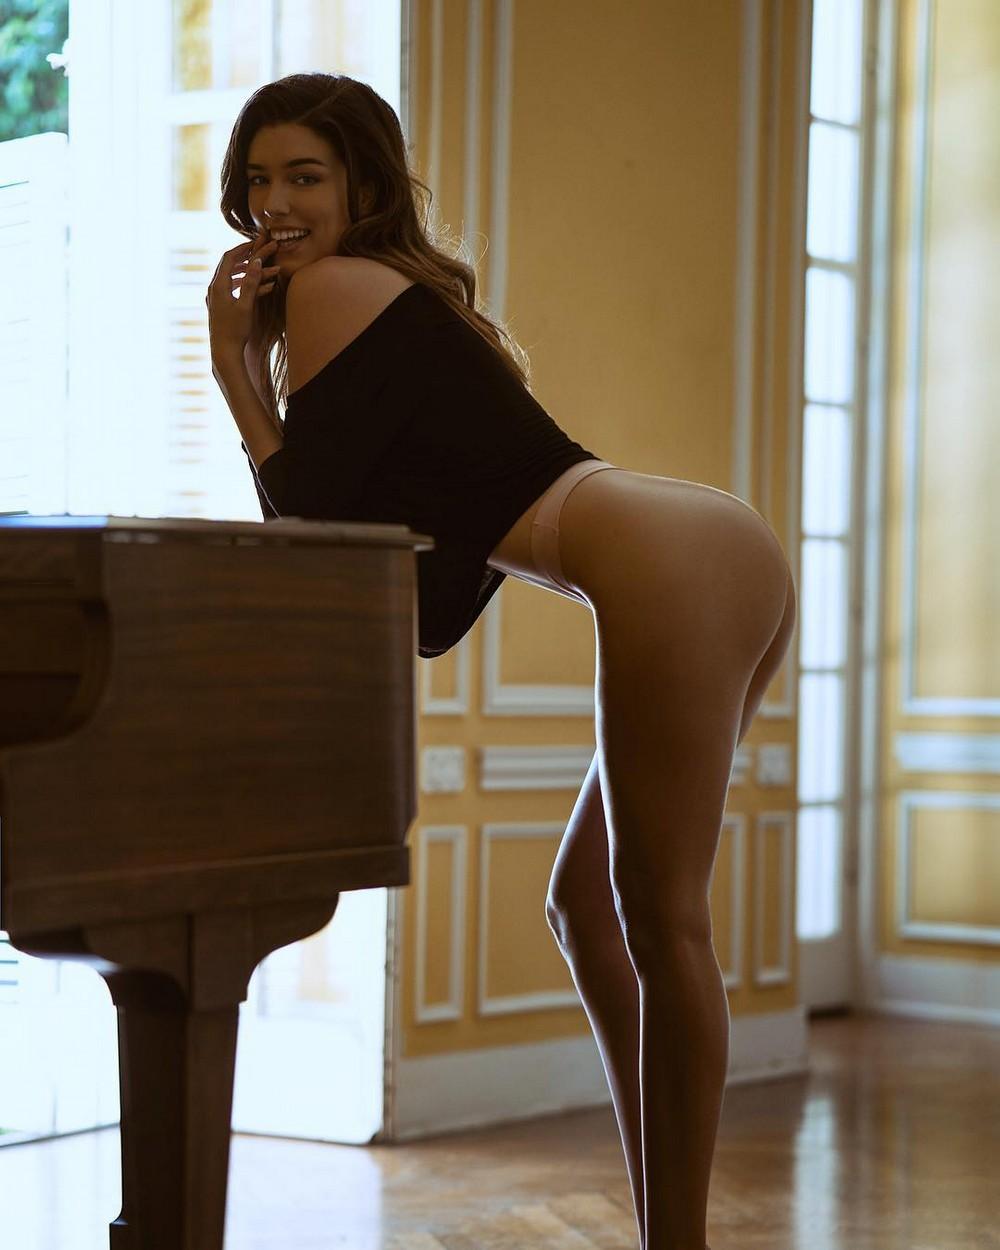 Красивые девушки прогибают спины